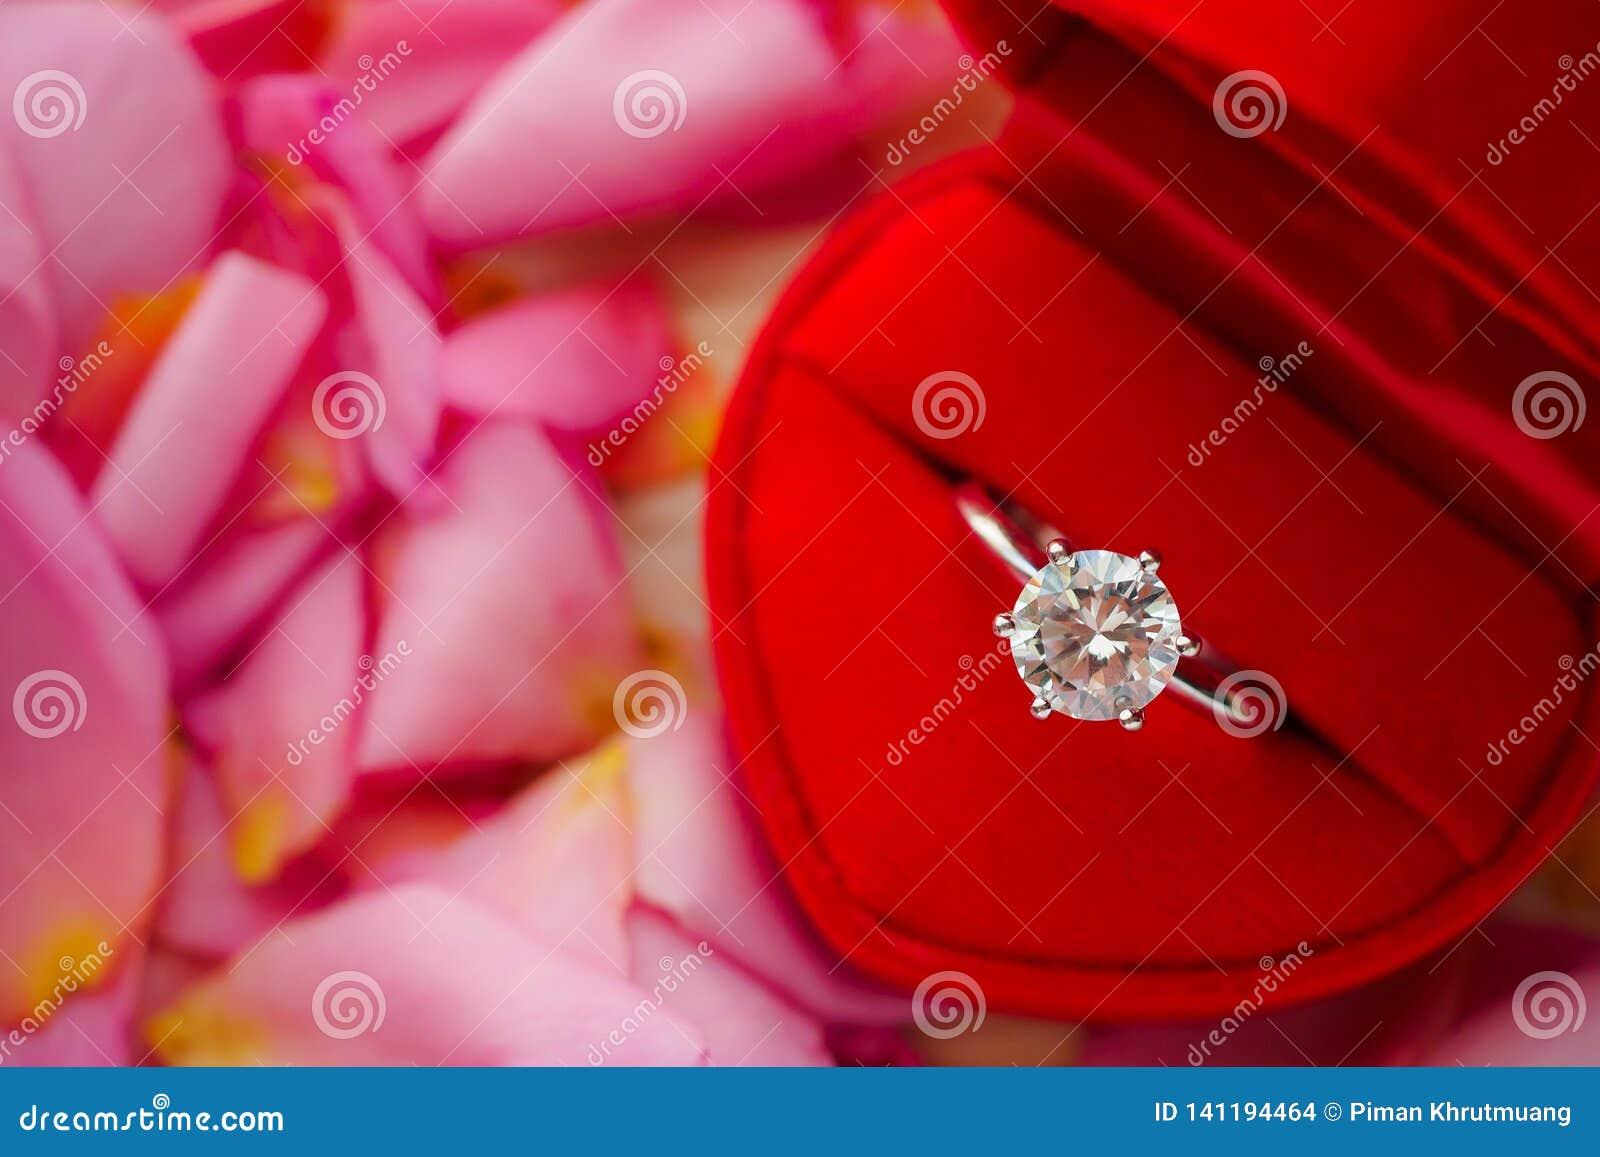 Anel de diamante elegante do casamento na guarda-joias vermelha do coração no fundo cor-de-rosa bonito da pétala cor-de-rosa